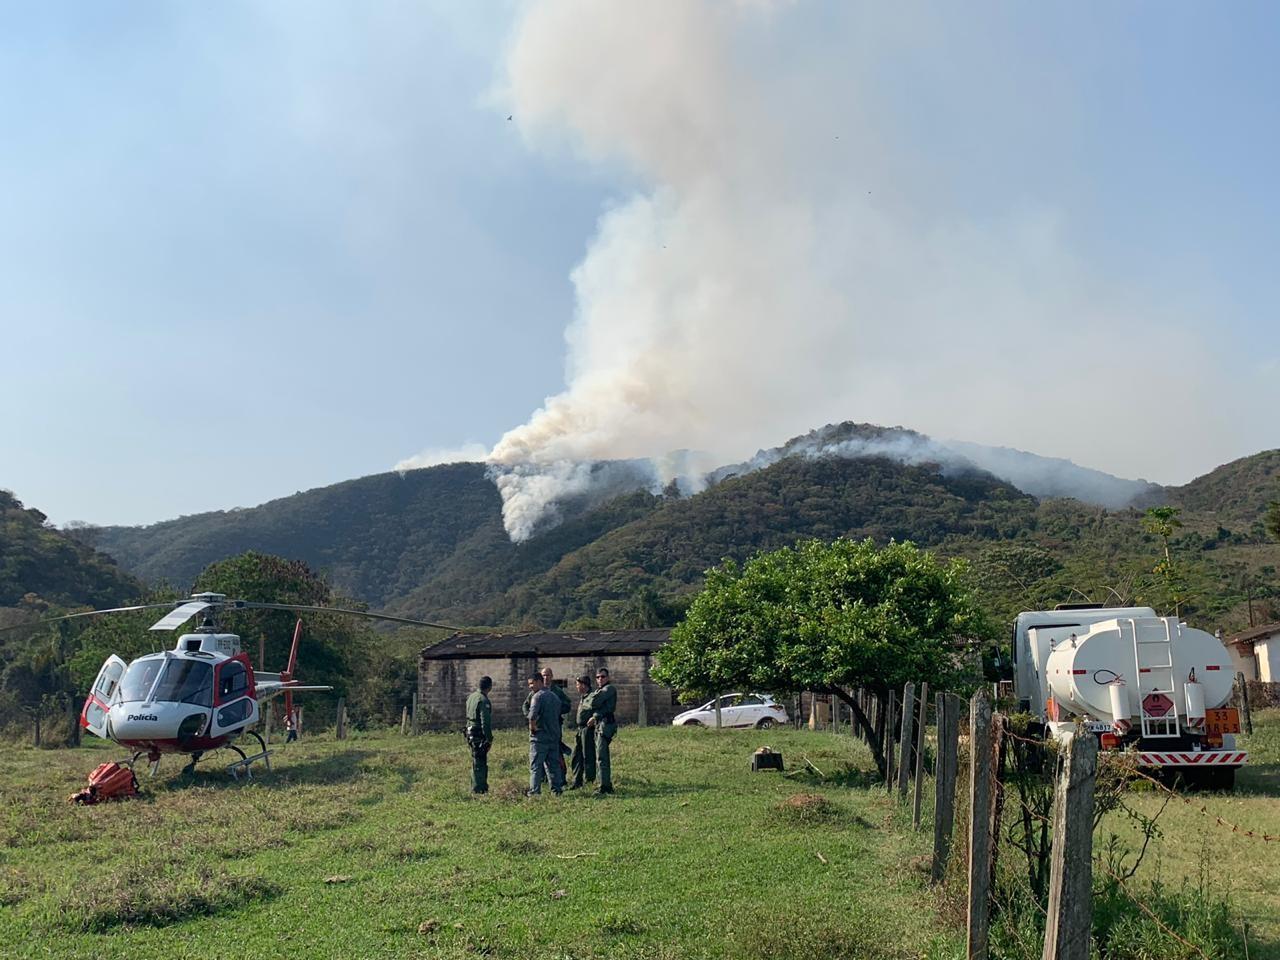 Incêndio em área de proteção ambiental de Amparo dura três dias; Defesa Civil suspeita de ato criminoso - Notícias - Plantão Diário